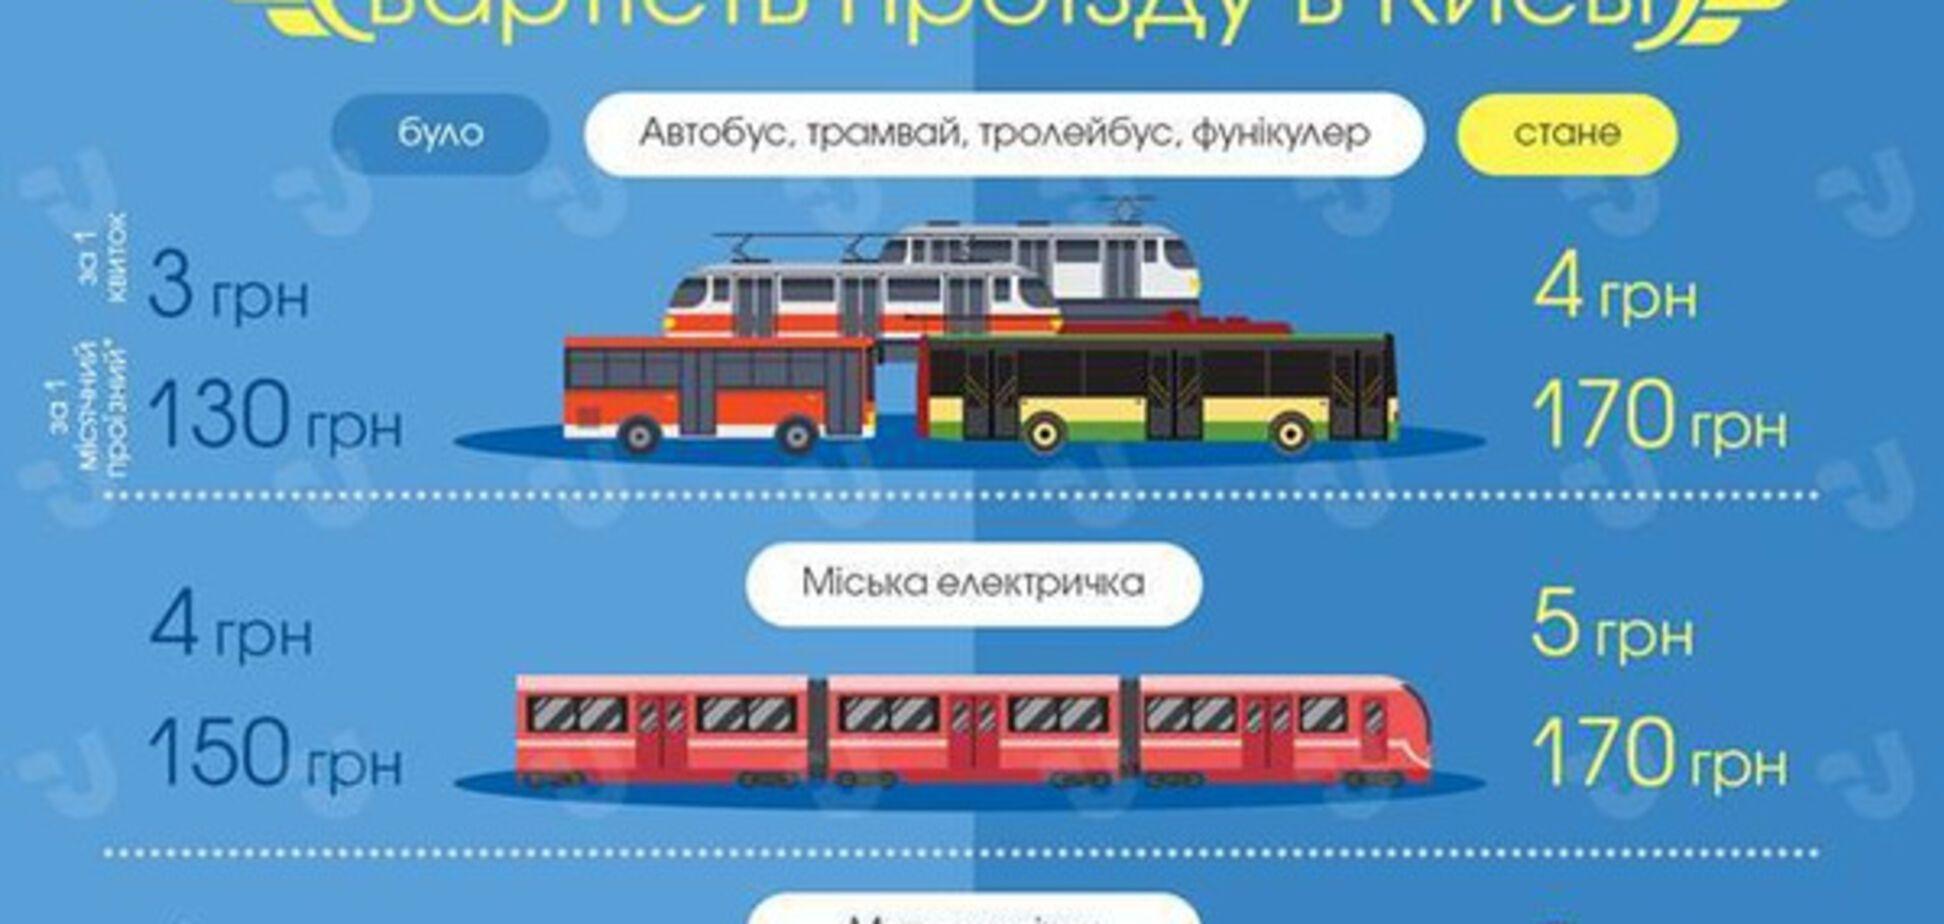 Подорожчання транспорту в Києві